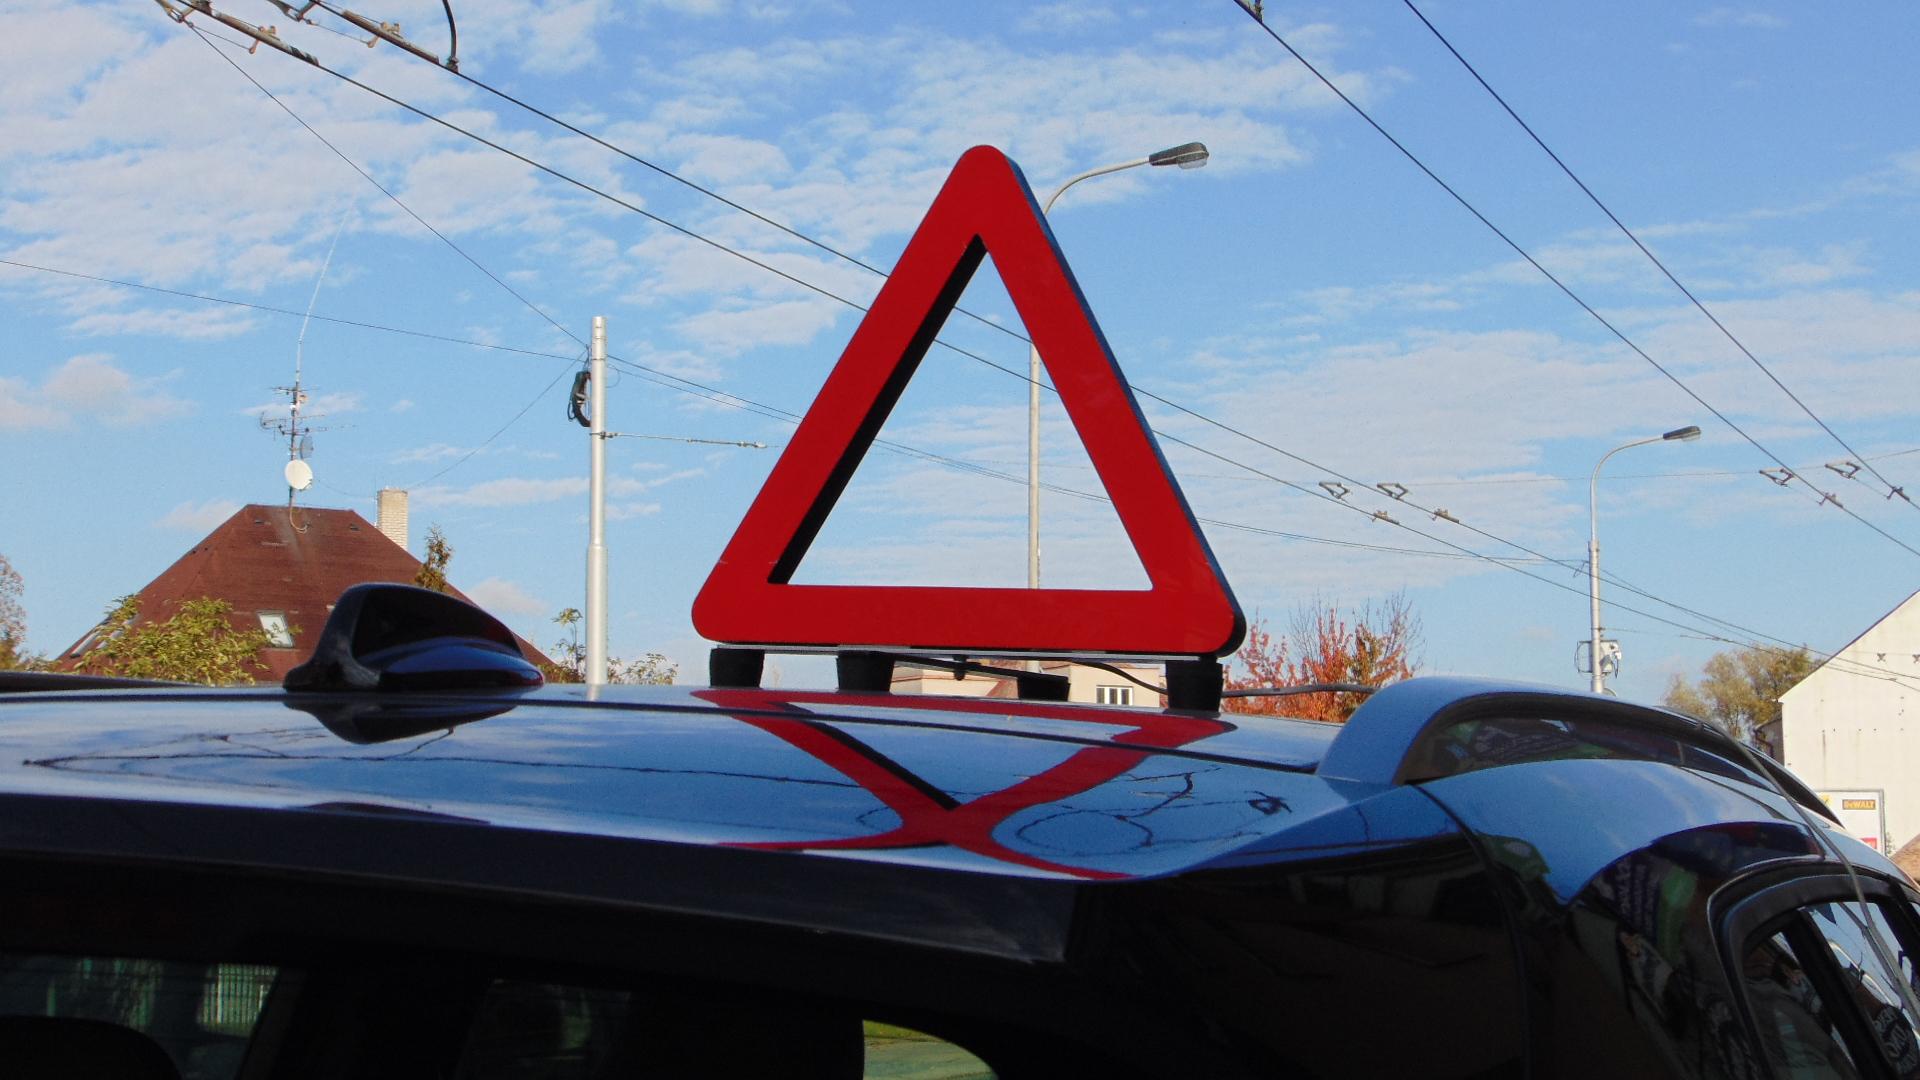 Výstražný trojúhelník od LEDtext